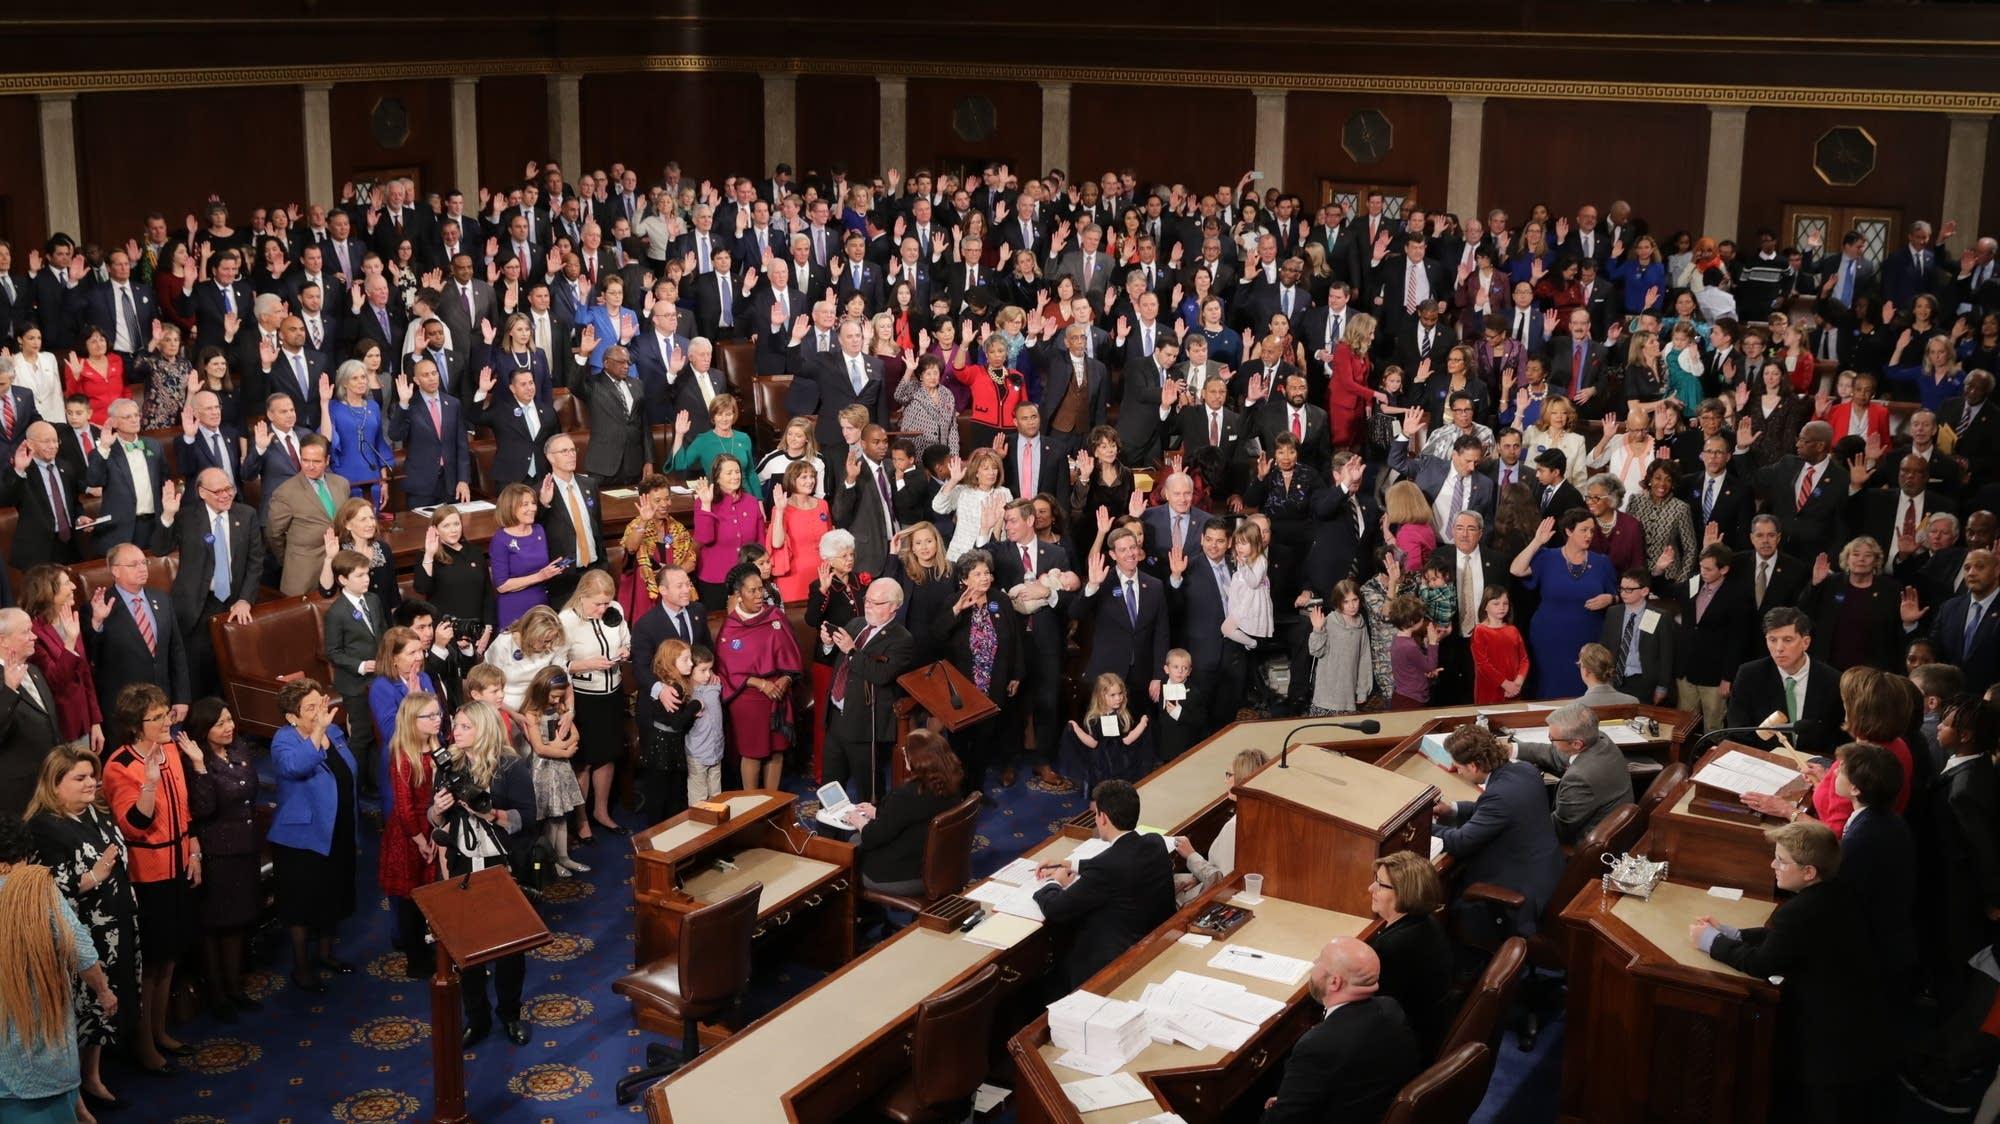 House Speaker Nancy Pelosi swears in members